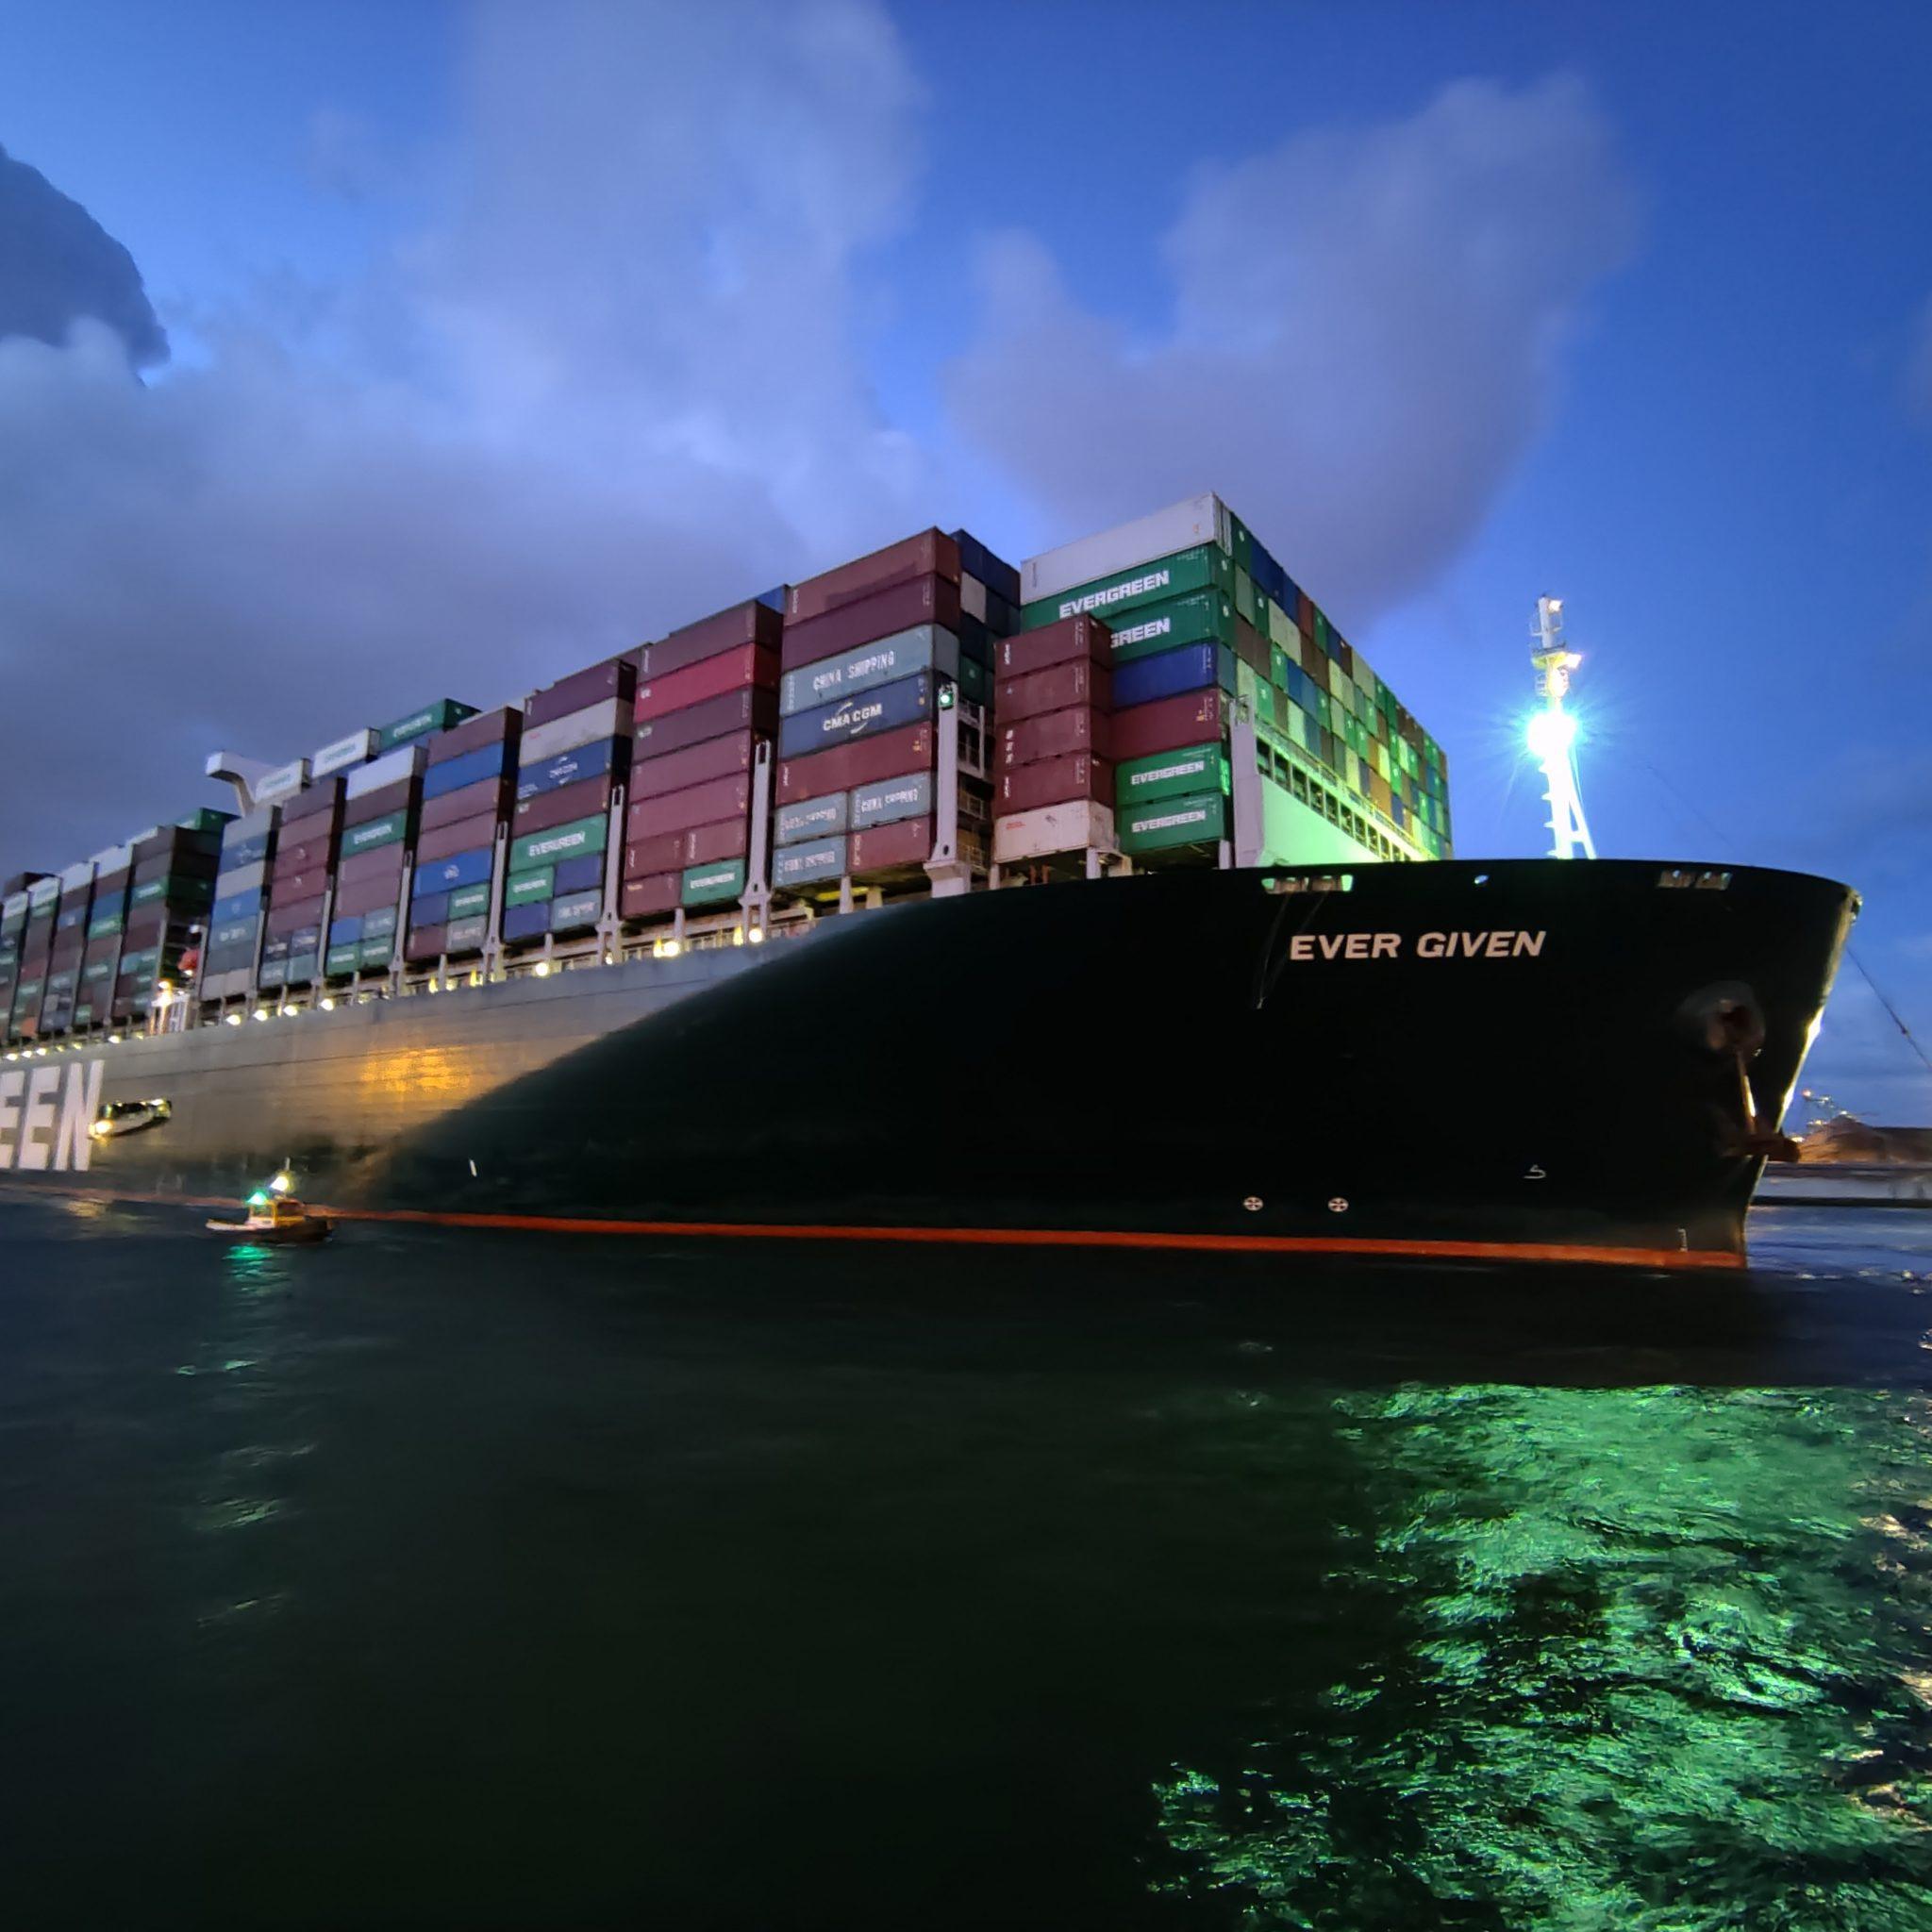 Na maandenlang gestrand te zijn in het Suezkanaal, en vele vertragingen tijdens de reis, is de Ever Given dan eindelijk in Rotterdam. (Foto Robin van den Bovenkamp)